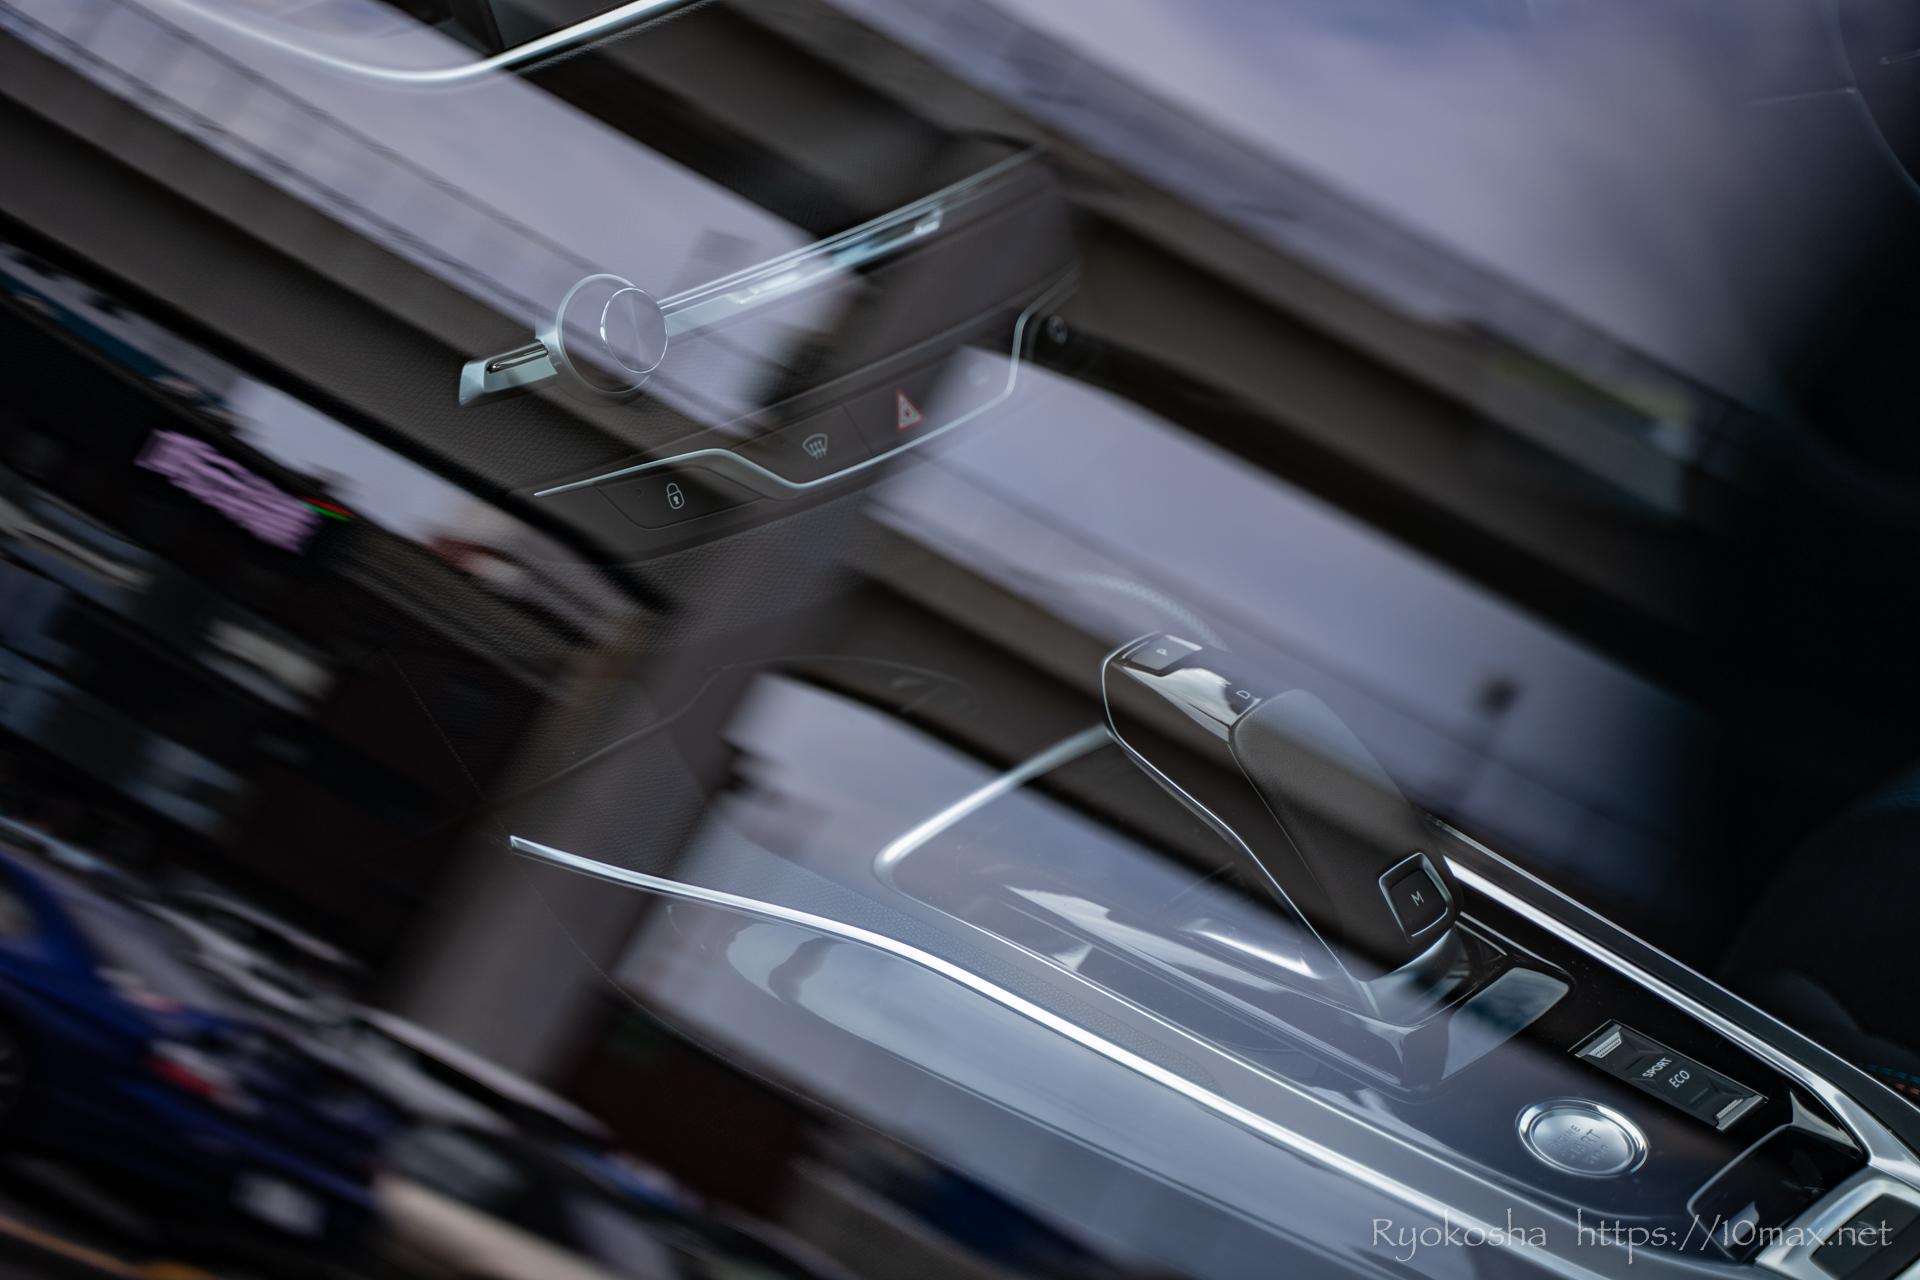 輸入車 ステーションワゴン ゴルフRヴァリアント 308SW パサートオールトラック 乗り比べ 試乗 首都高 大黒PA